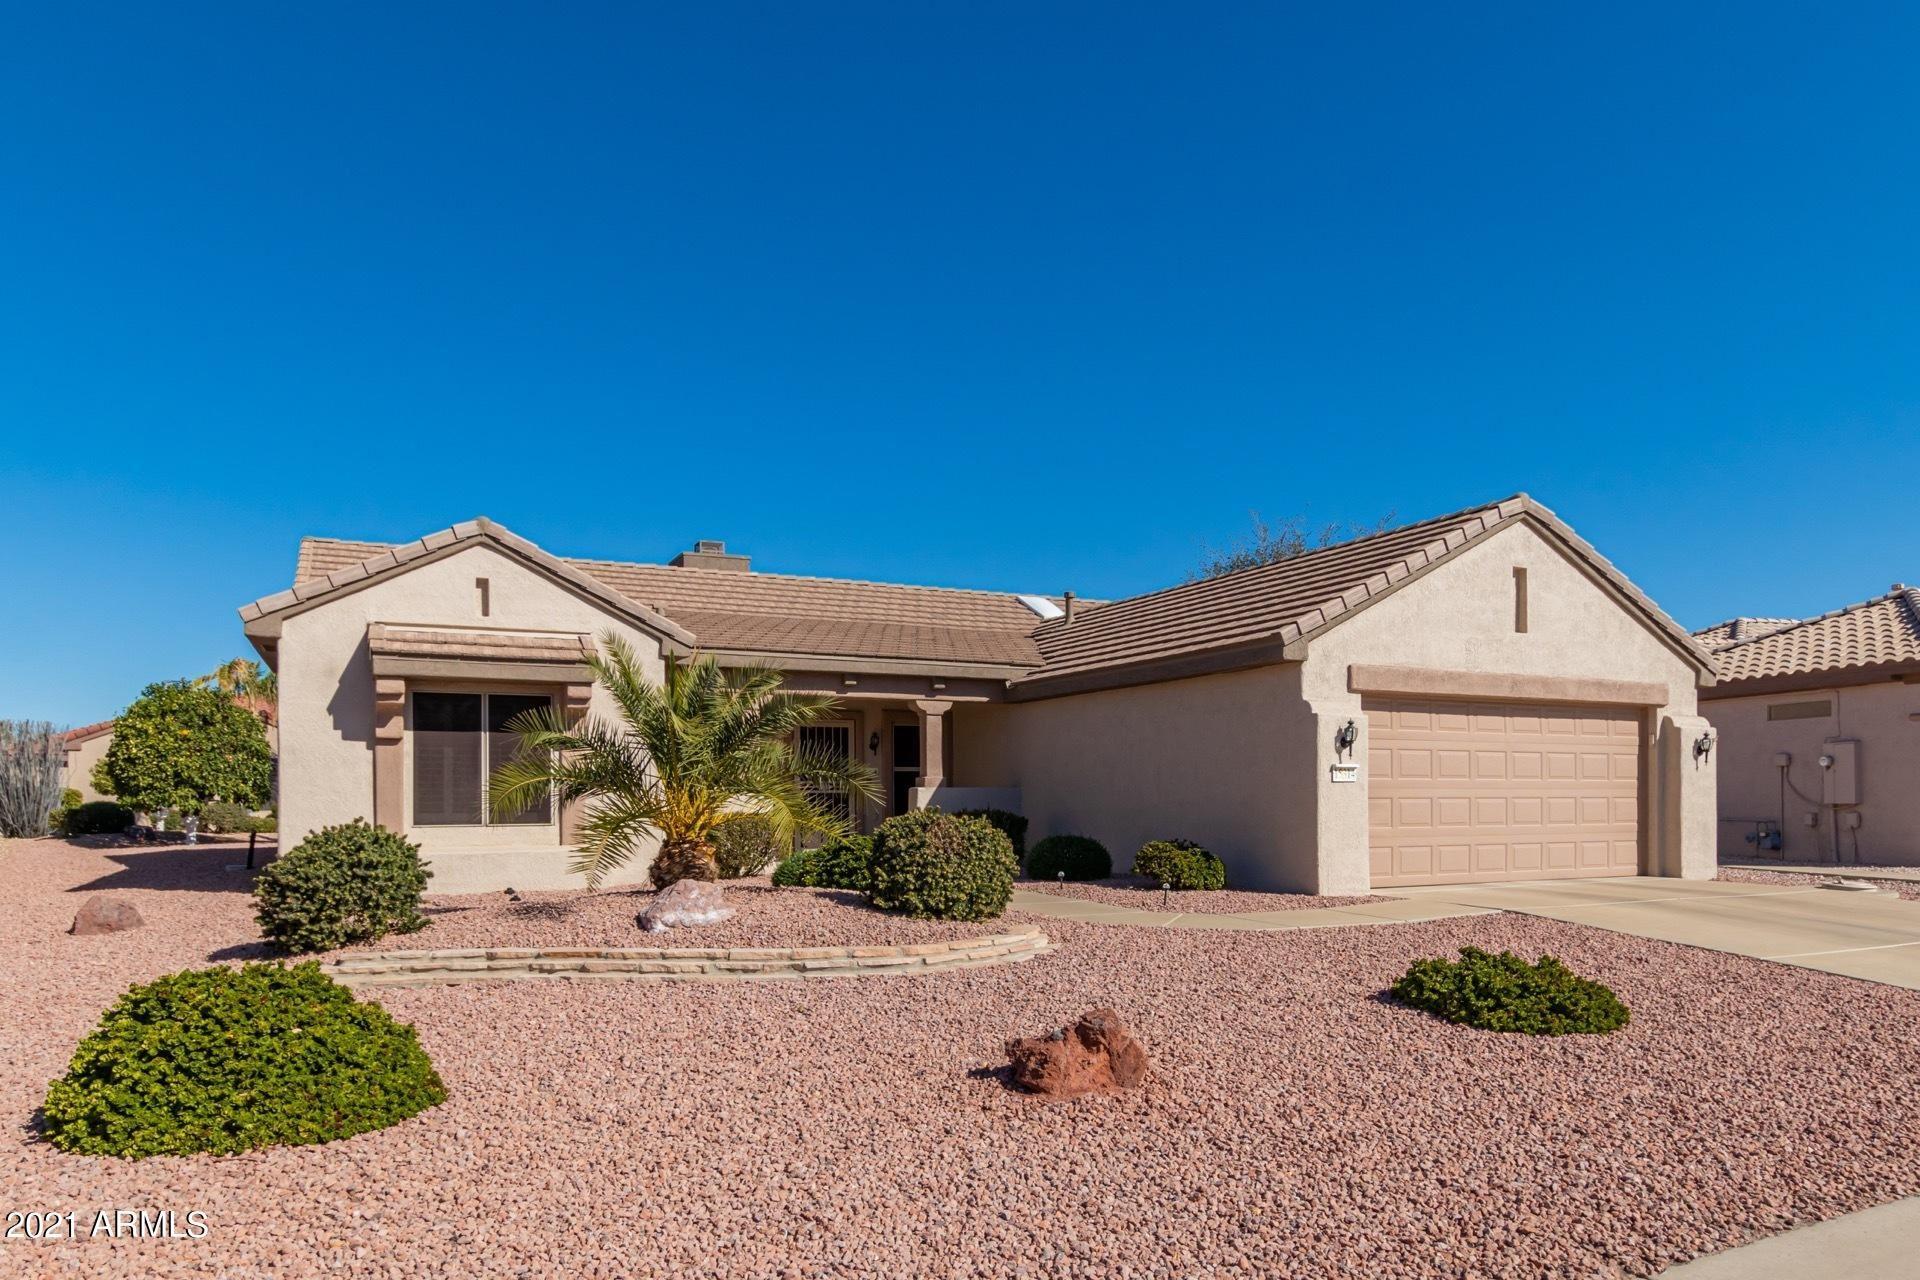 Photo of 15314 W PANTANO Drive, Surprise, AZ 85374 (MLS # 6198181)